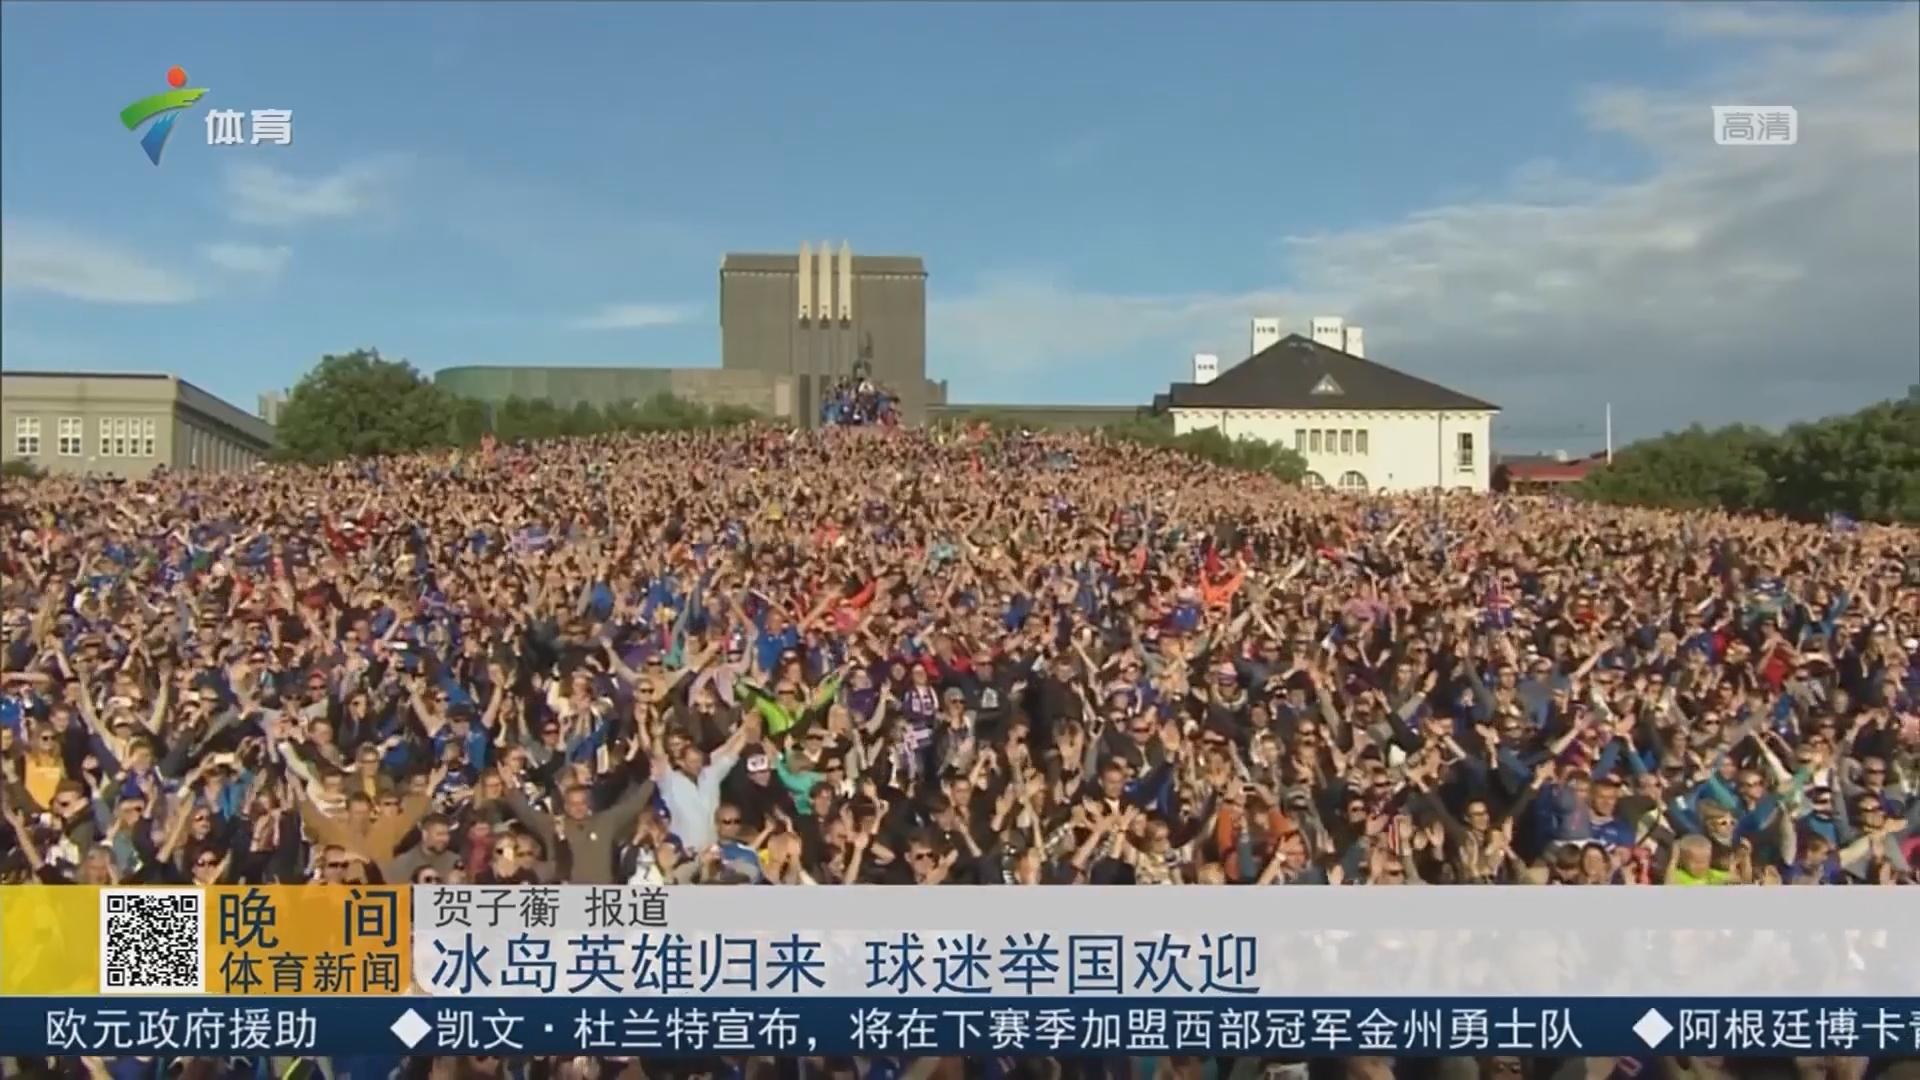 冰岛英雄归来 球迷举国欢迎